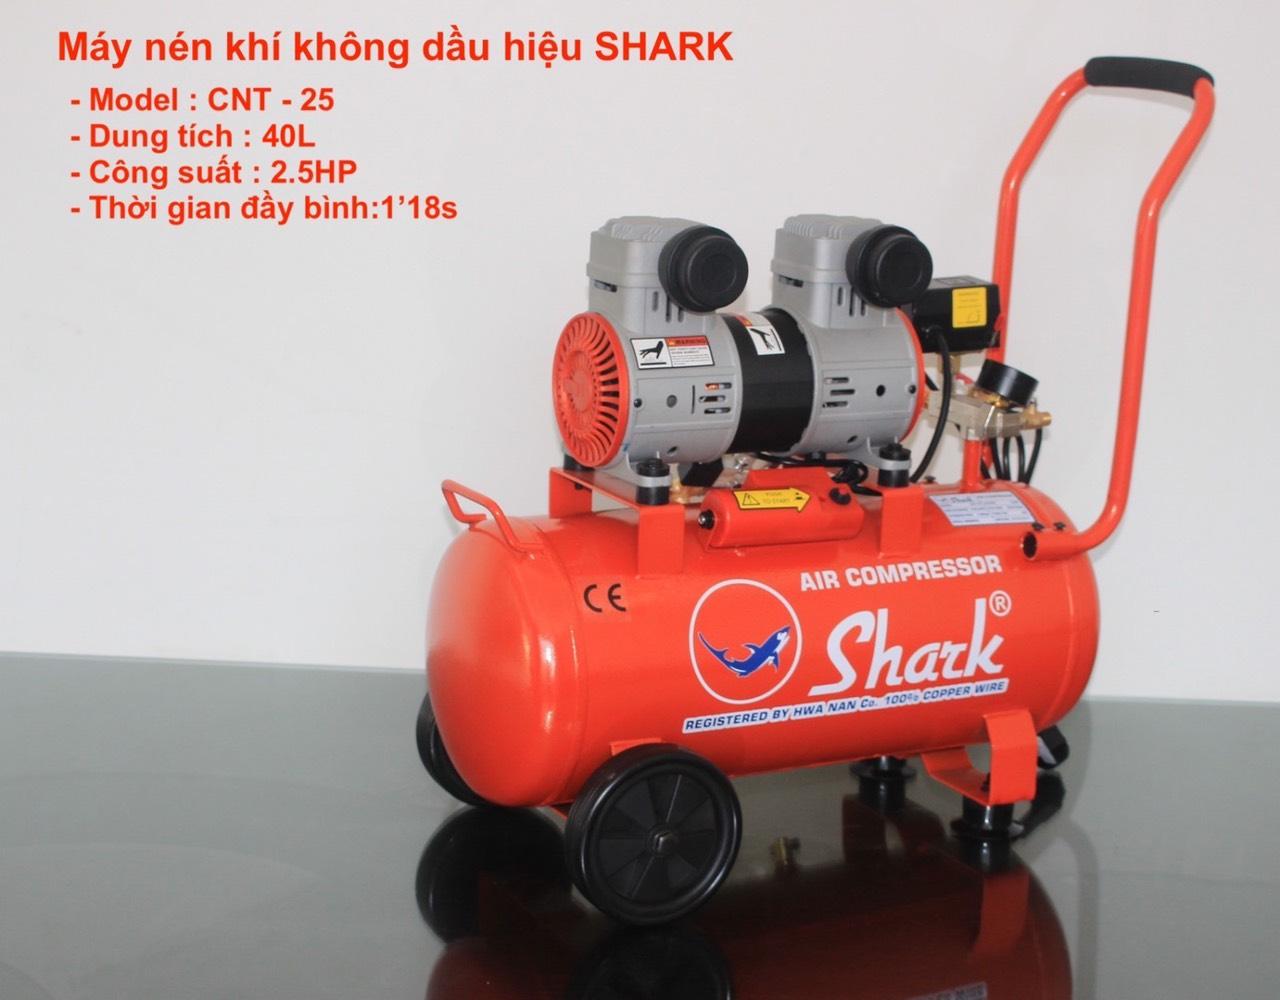 Máy nén khí không dầu SHARK 2HP